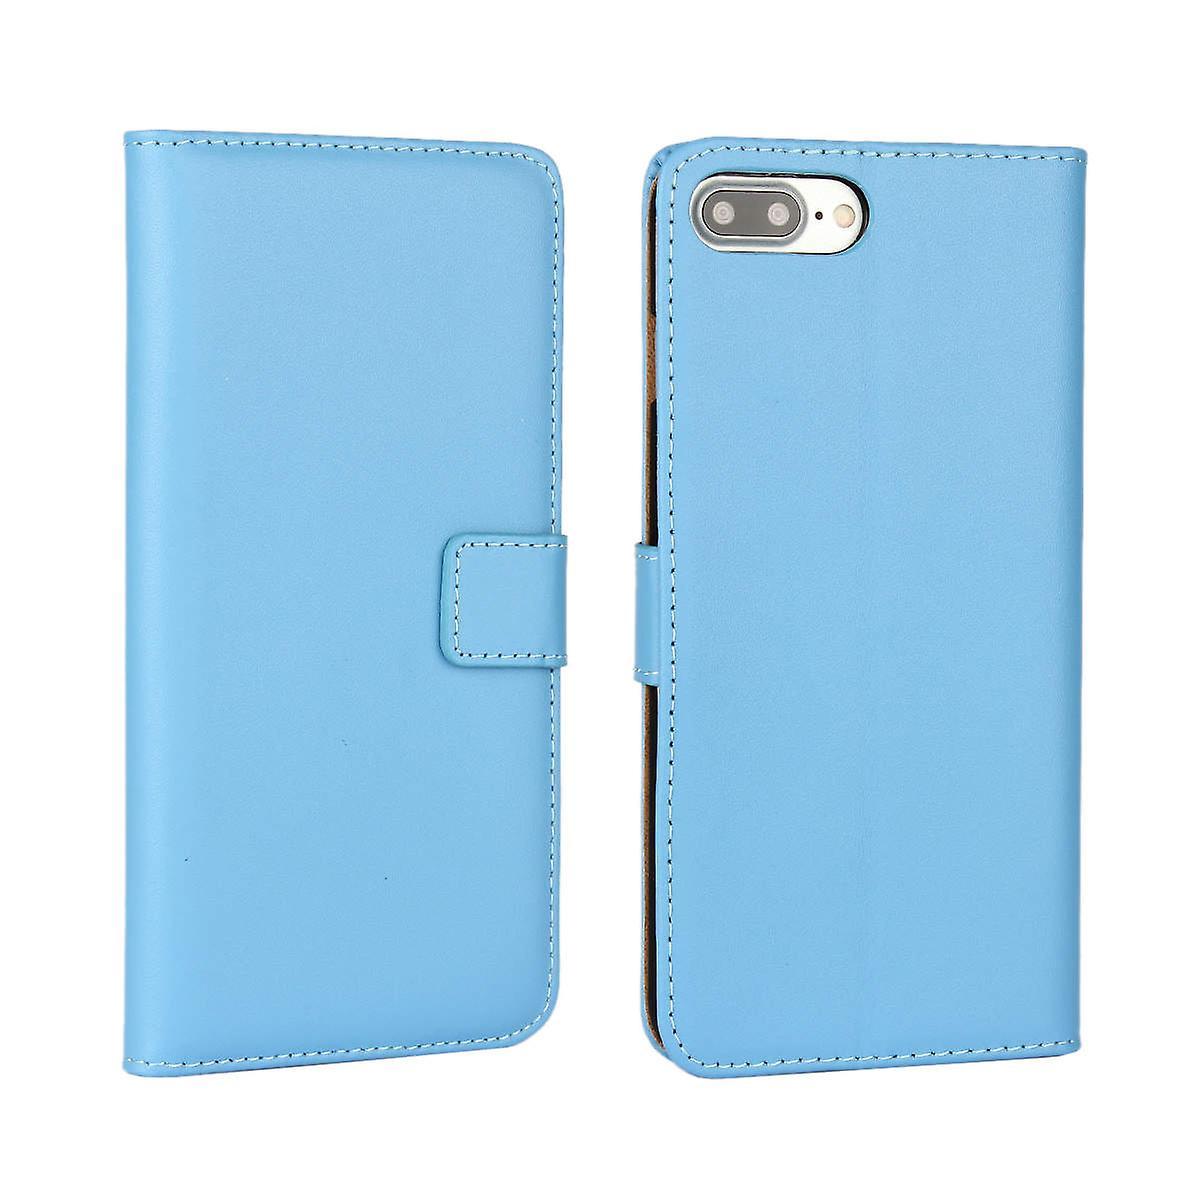 iCoverCase | iPhone 7 Plus | Plånboksfodral